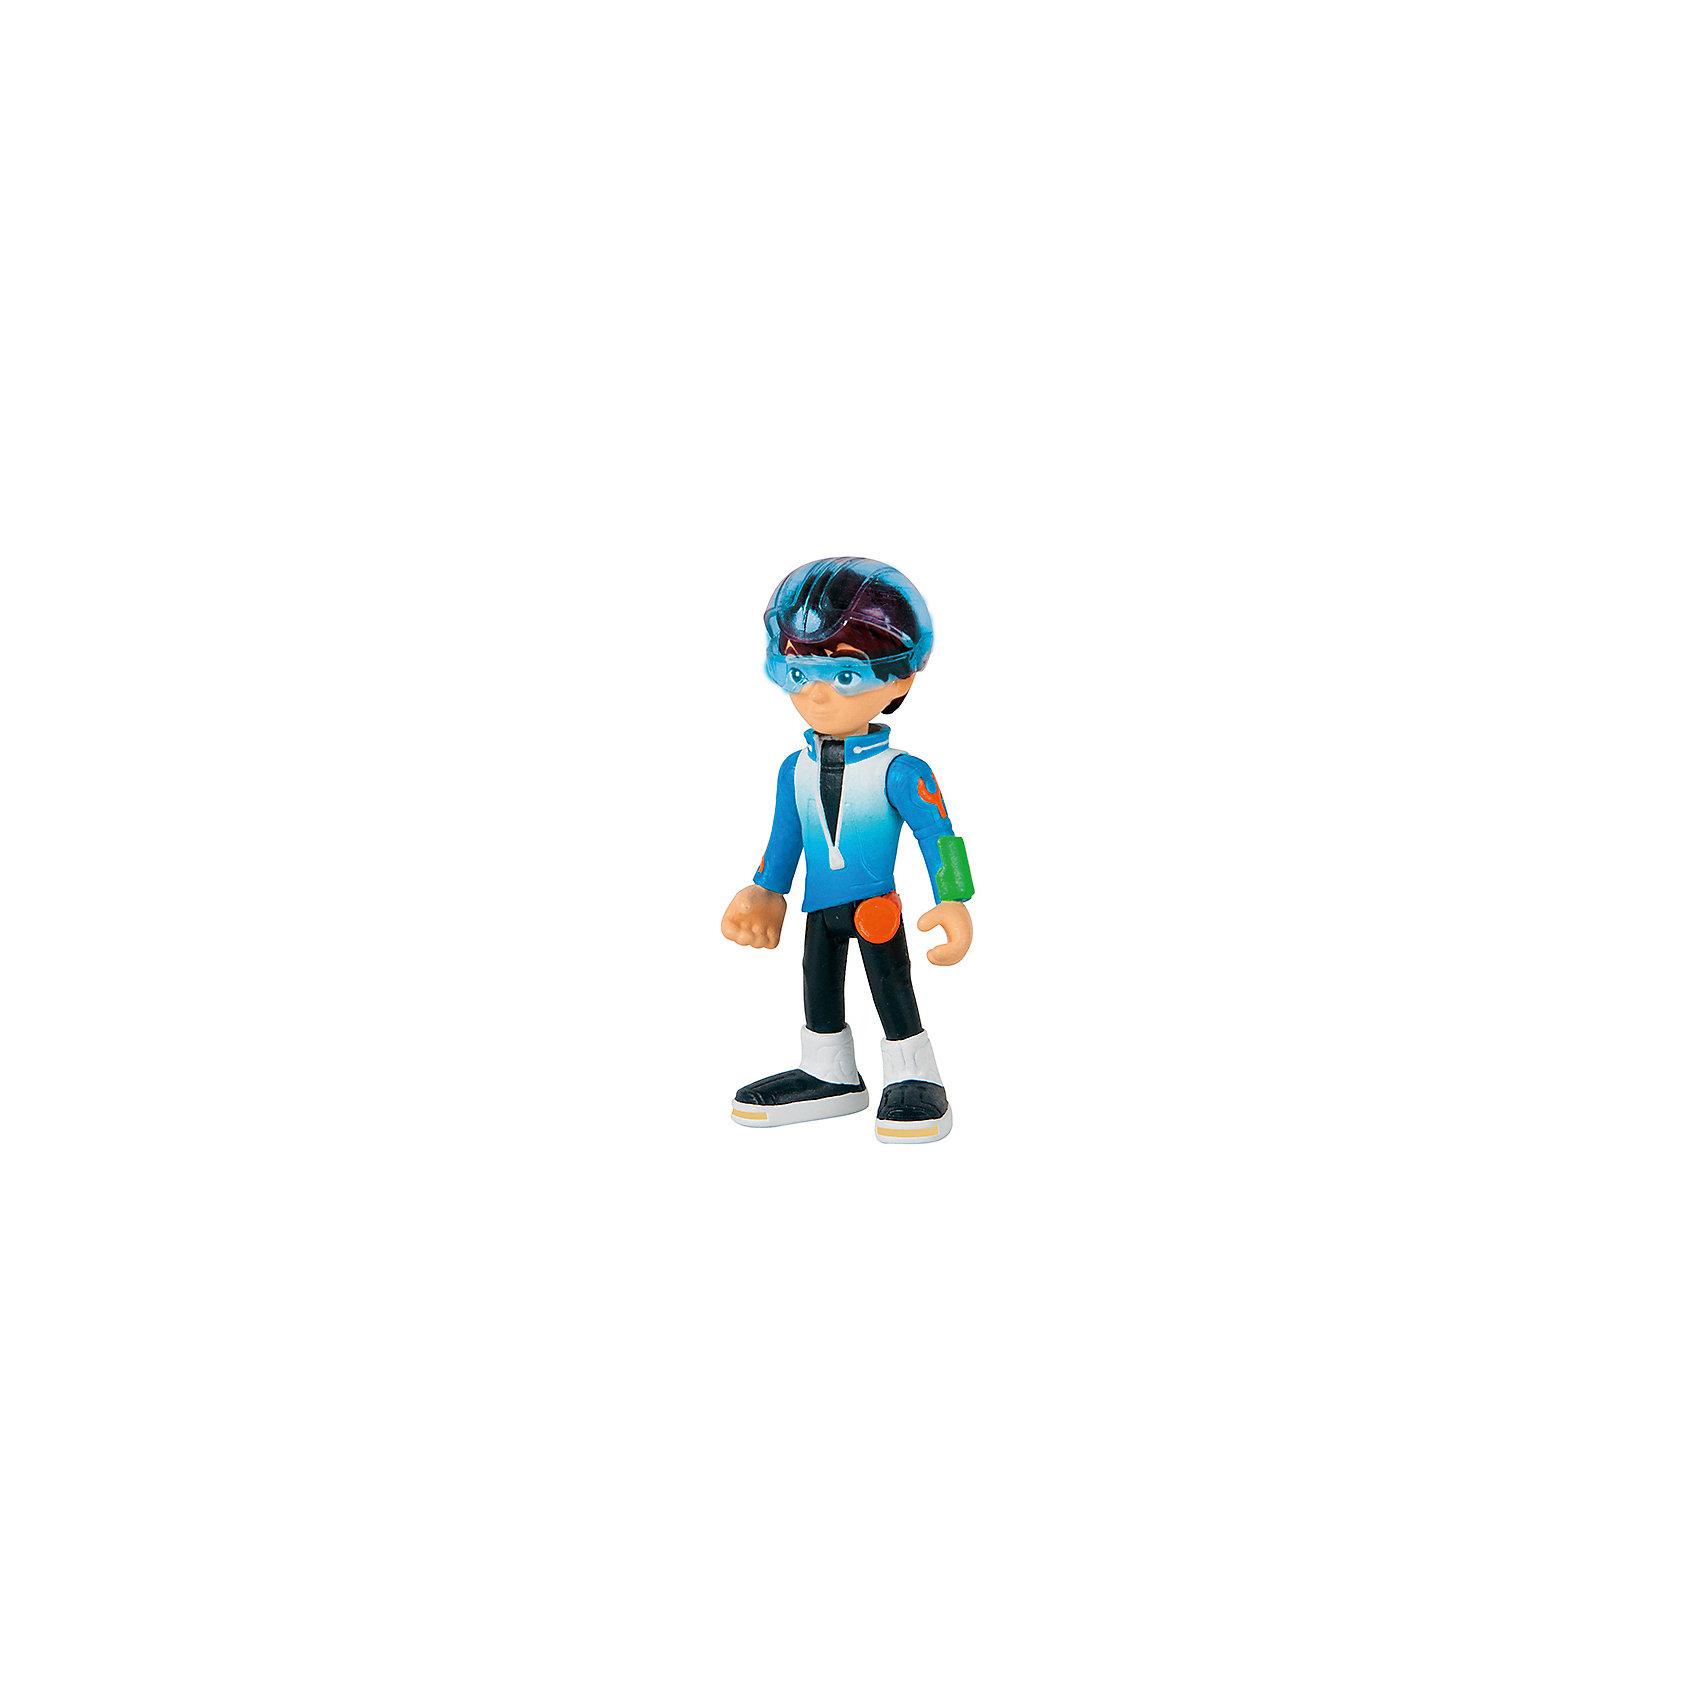 Фигурка Майлз со звездолётом, 7 см, MILESИгрушки<br>Майлз обожает приключения! Он очень любопытный ребёнок, который посвящает всё своё свободное время изучению далёких миров и неизвестных планет. Фигурка прекрасно детализирована: отлично проработаны все элементы космического костюма Майлза, в набор входят: шлем, который можно снимать и одевать на фигурку и звездолёт. Собери все фигурки проигрывай любимые сцены из мультфильма или придумывай свои новые истории!<br><br>Дополнительная информация:<br><br>- Материал: пластик.<br>- Детально проработанная мимика на лице.<br>- В комплекте звездолёт и шлем.<br>- Подвижные руки, ноги, голова.<br>- Высота фигурки - 7 сантиметров.<br><br><br>Фигурку Майлза со звездолетом 7 см, MILES, можно купить в нашем магазине.<br><br>Ширина мм: 155<br>Глубина мм: 190<br>Высота мм: 50<br>Вес г: 100<br>Возраст от месяцев: 36<br>Возраст до месяцев: 192<br>Пол: Унисекс<br>Возраст: Детский<br>SKU: 4234765